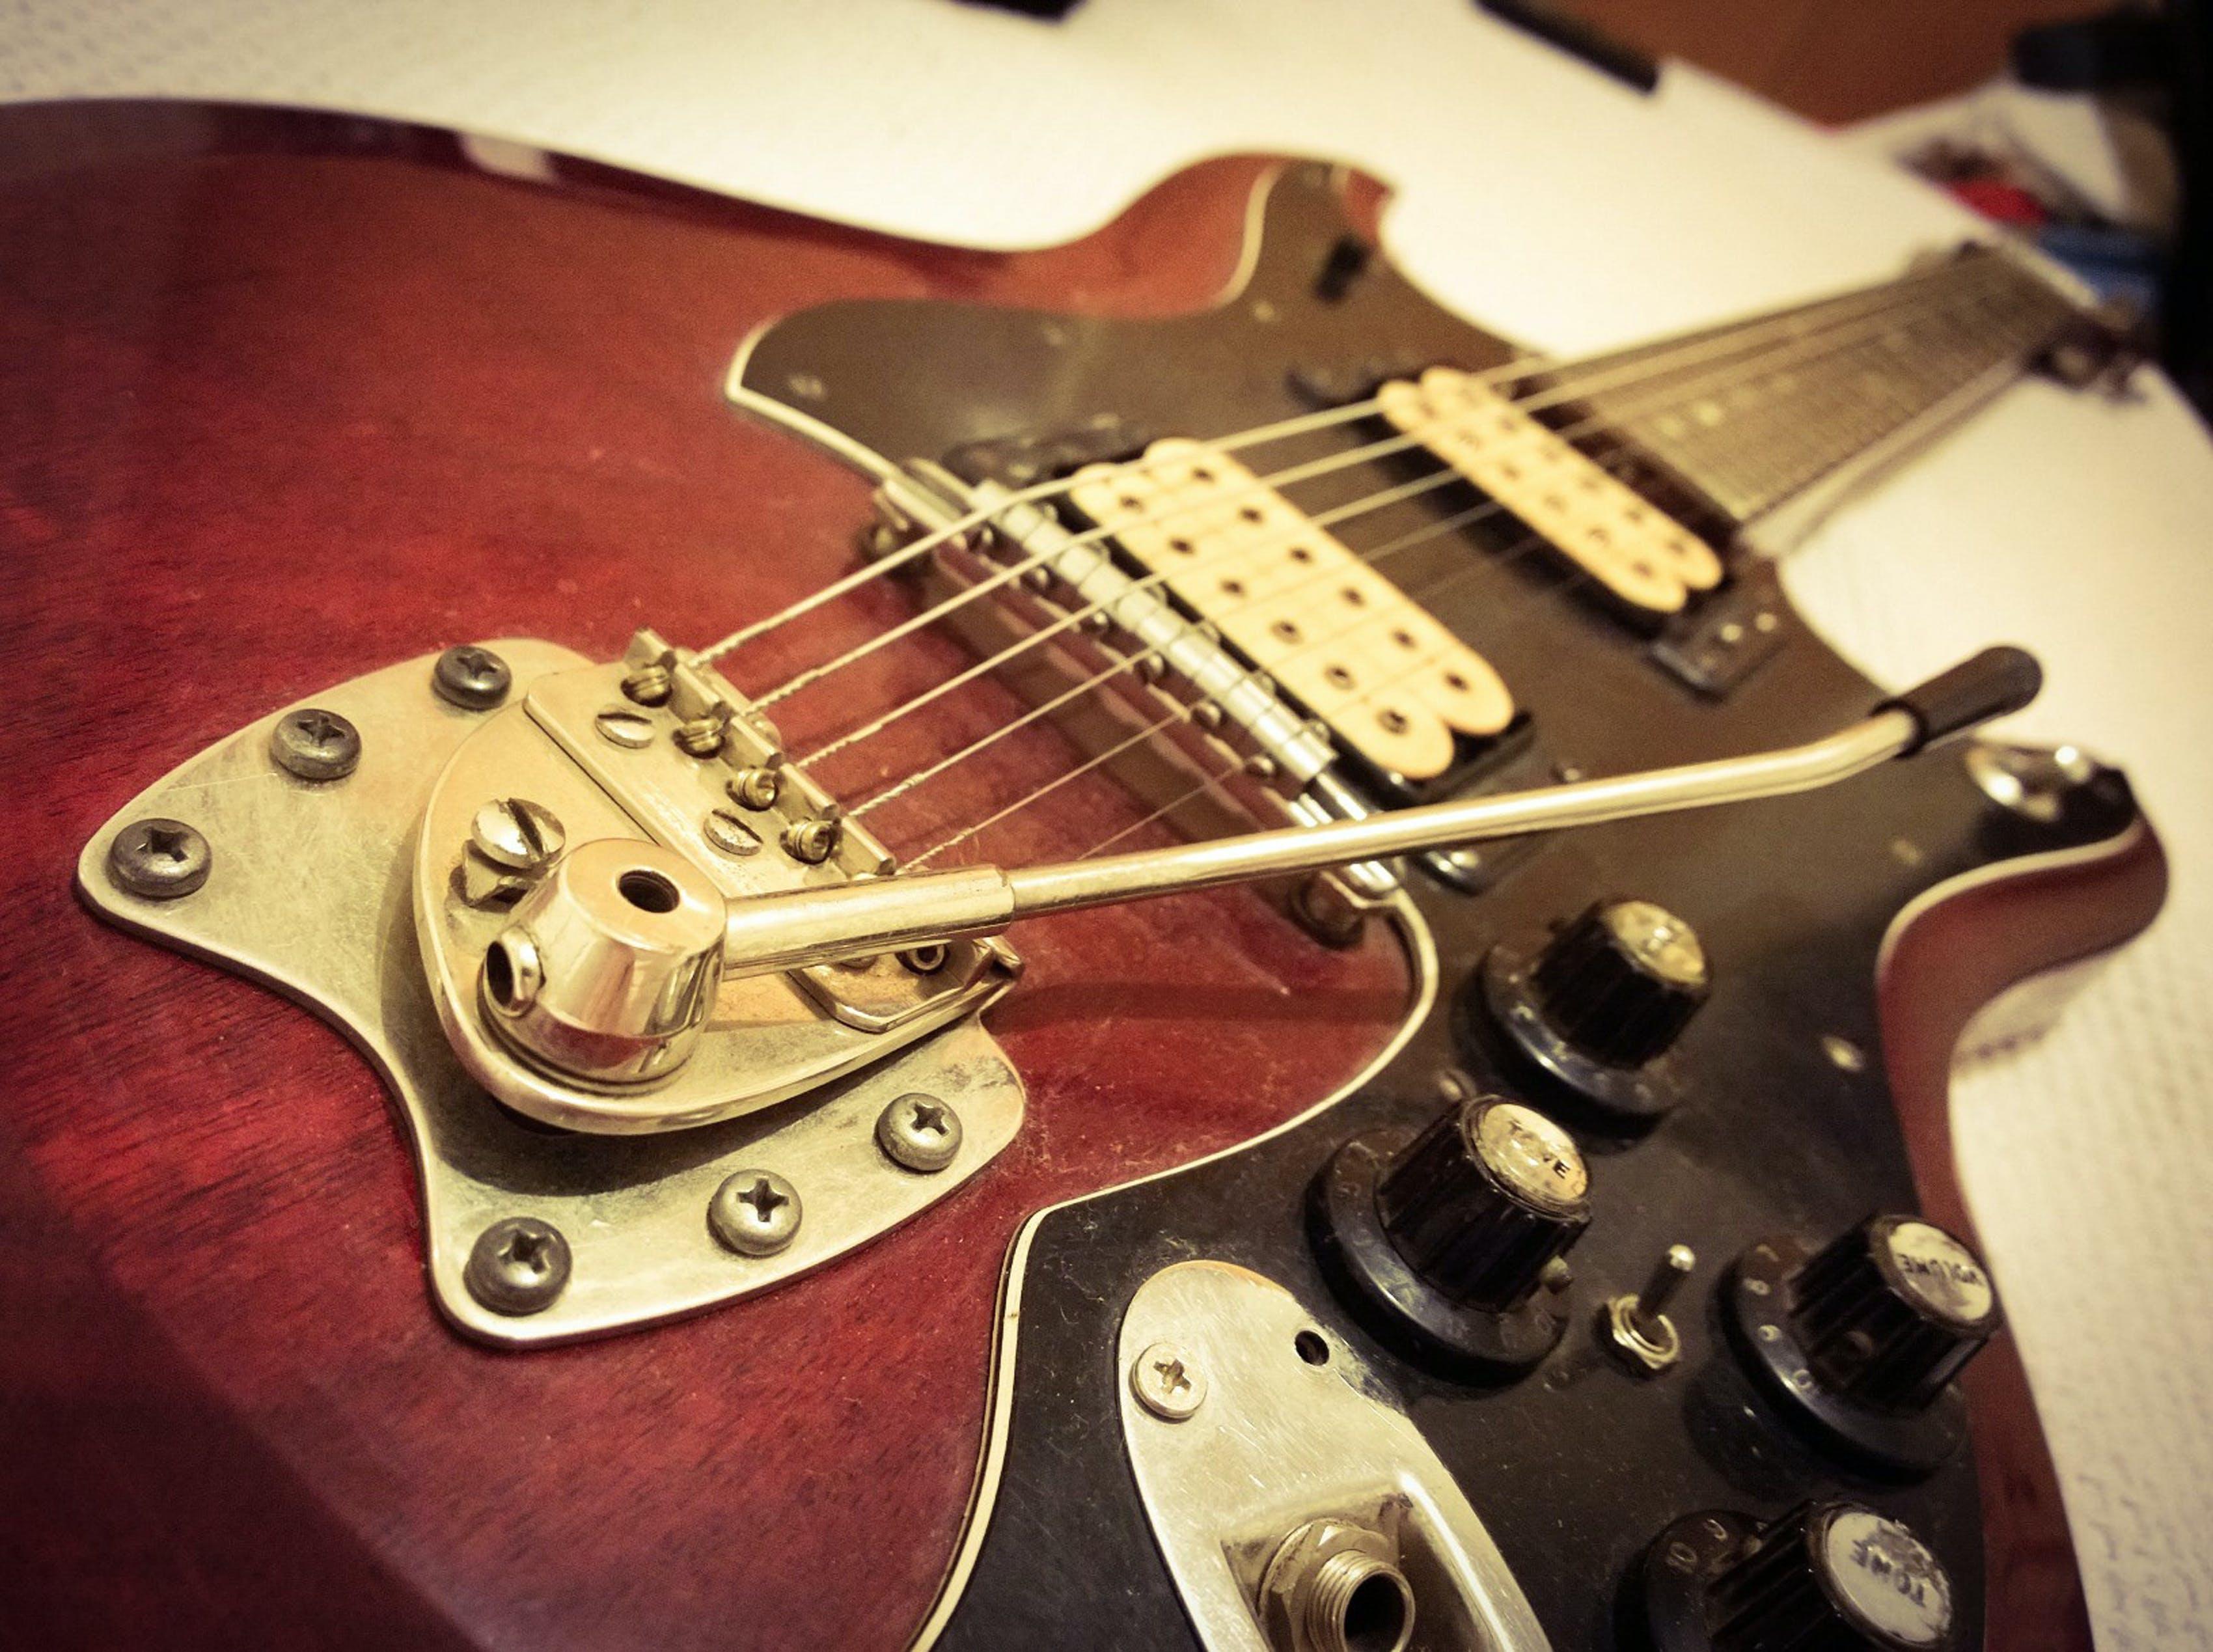 Δωρεάν στοκ φωτογραφιών με rock, vintage, ηλεκτρικός, κιθάρα